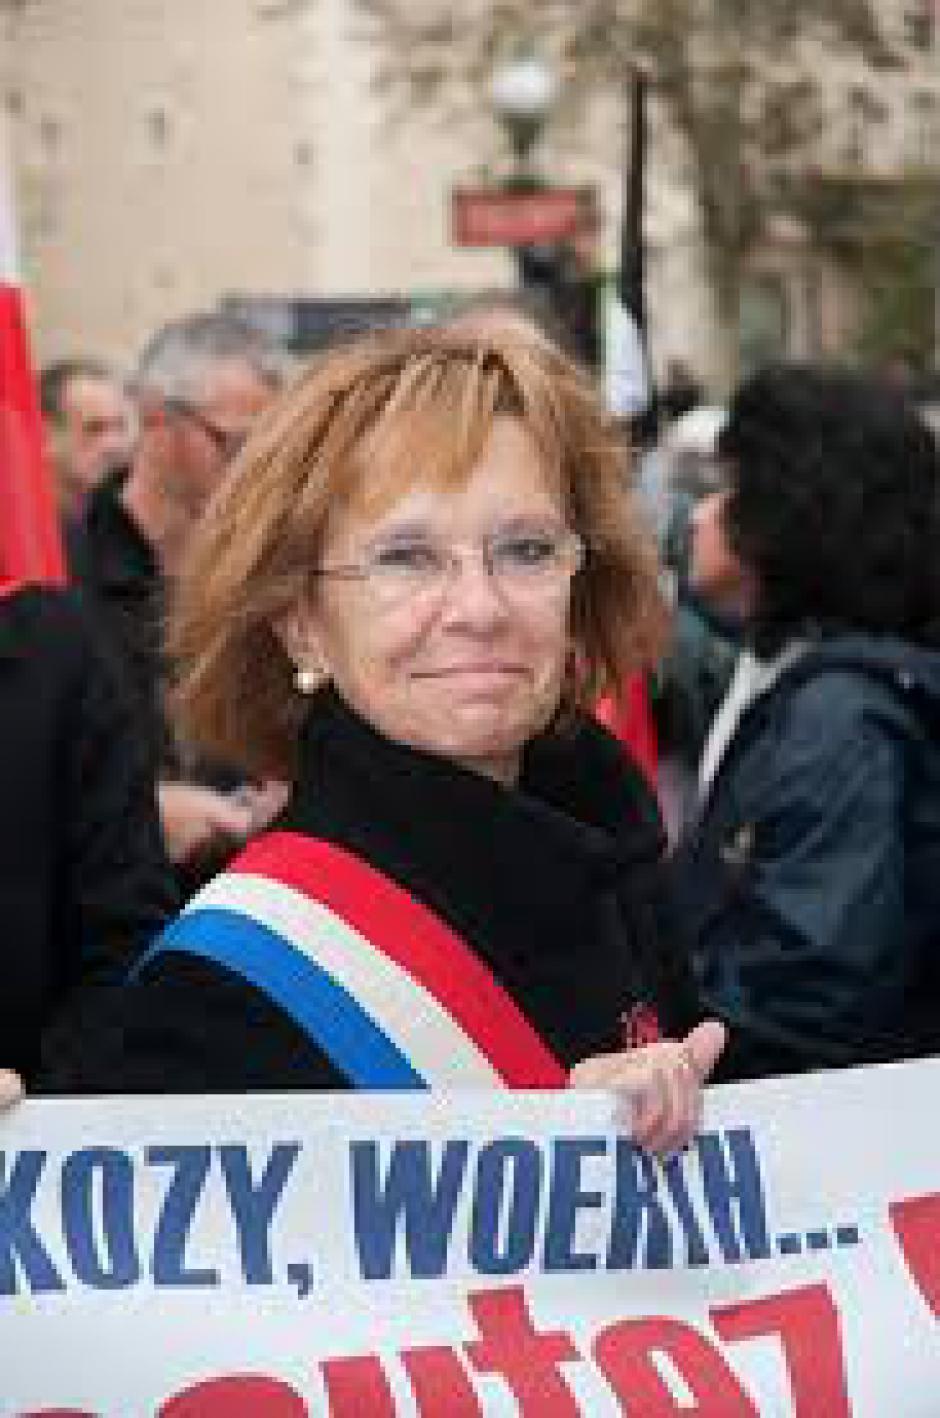 Pour un nouveau pacte démocratique, Nicole Borvo-Cohen-Seat*